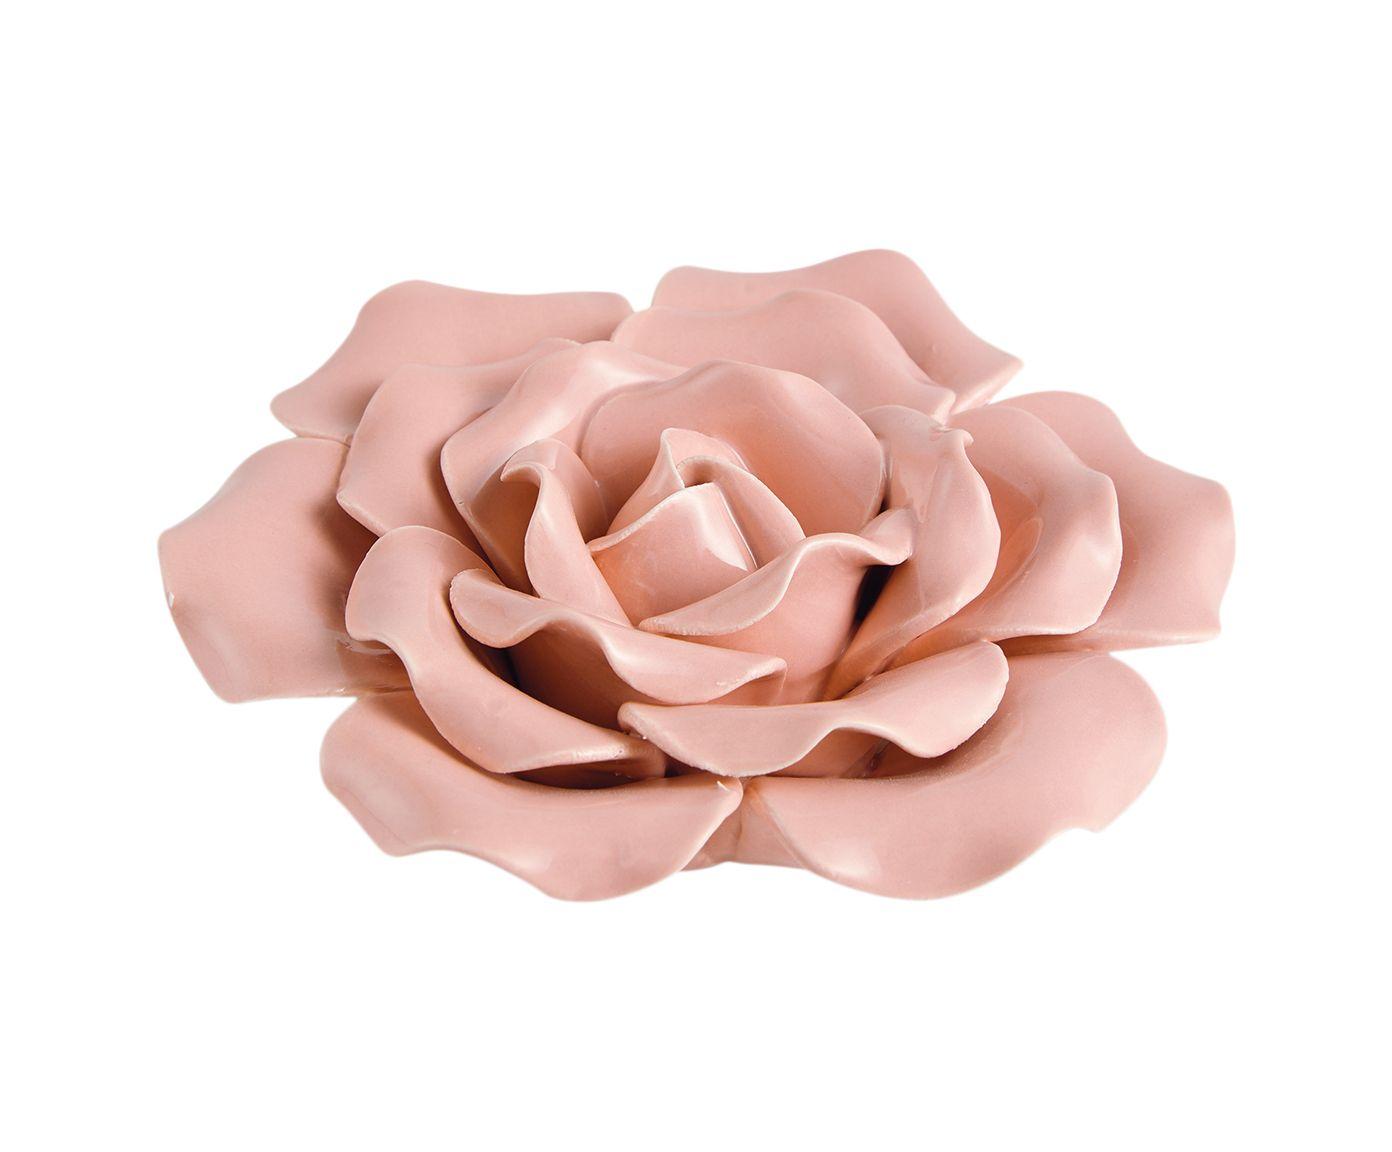 Adorno Rass Rosa - 13X13cm   Westwing.com.br